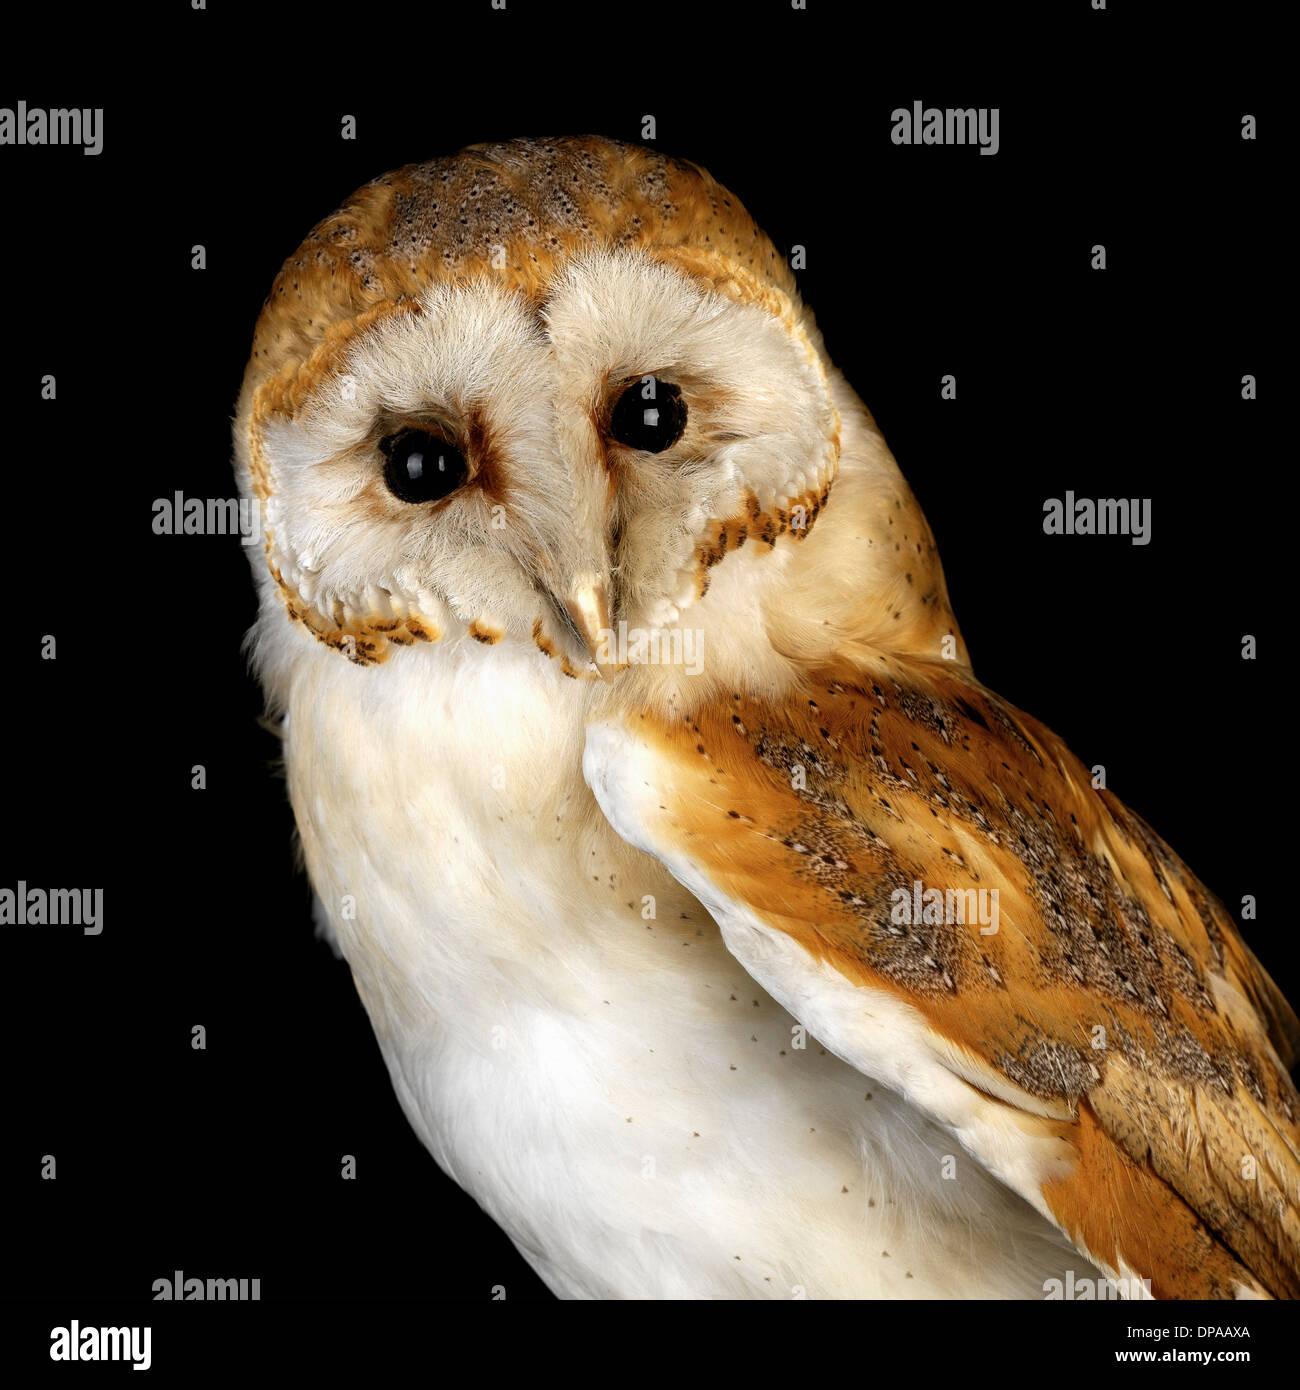 Baby Barn Owl - Stock Image